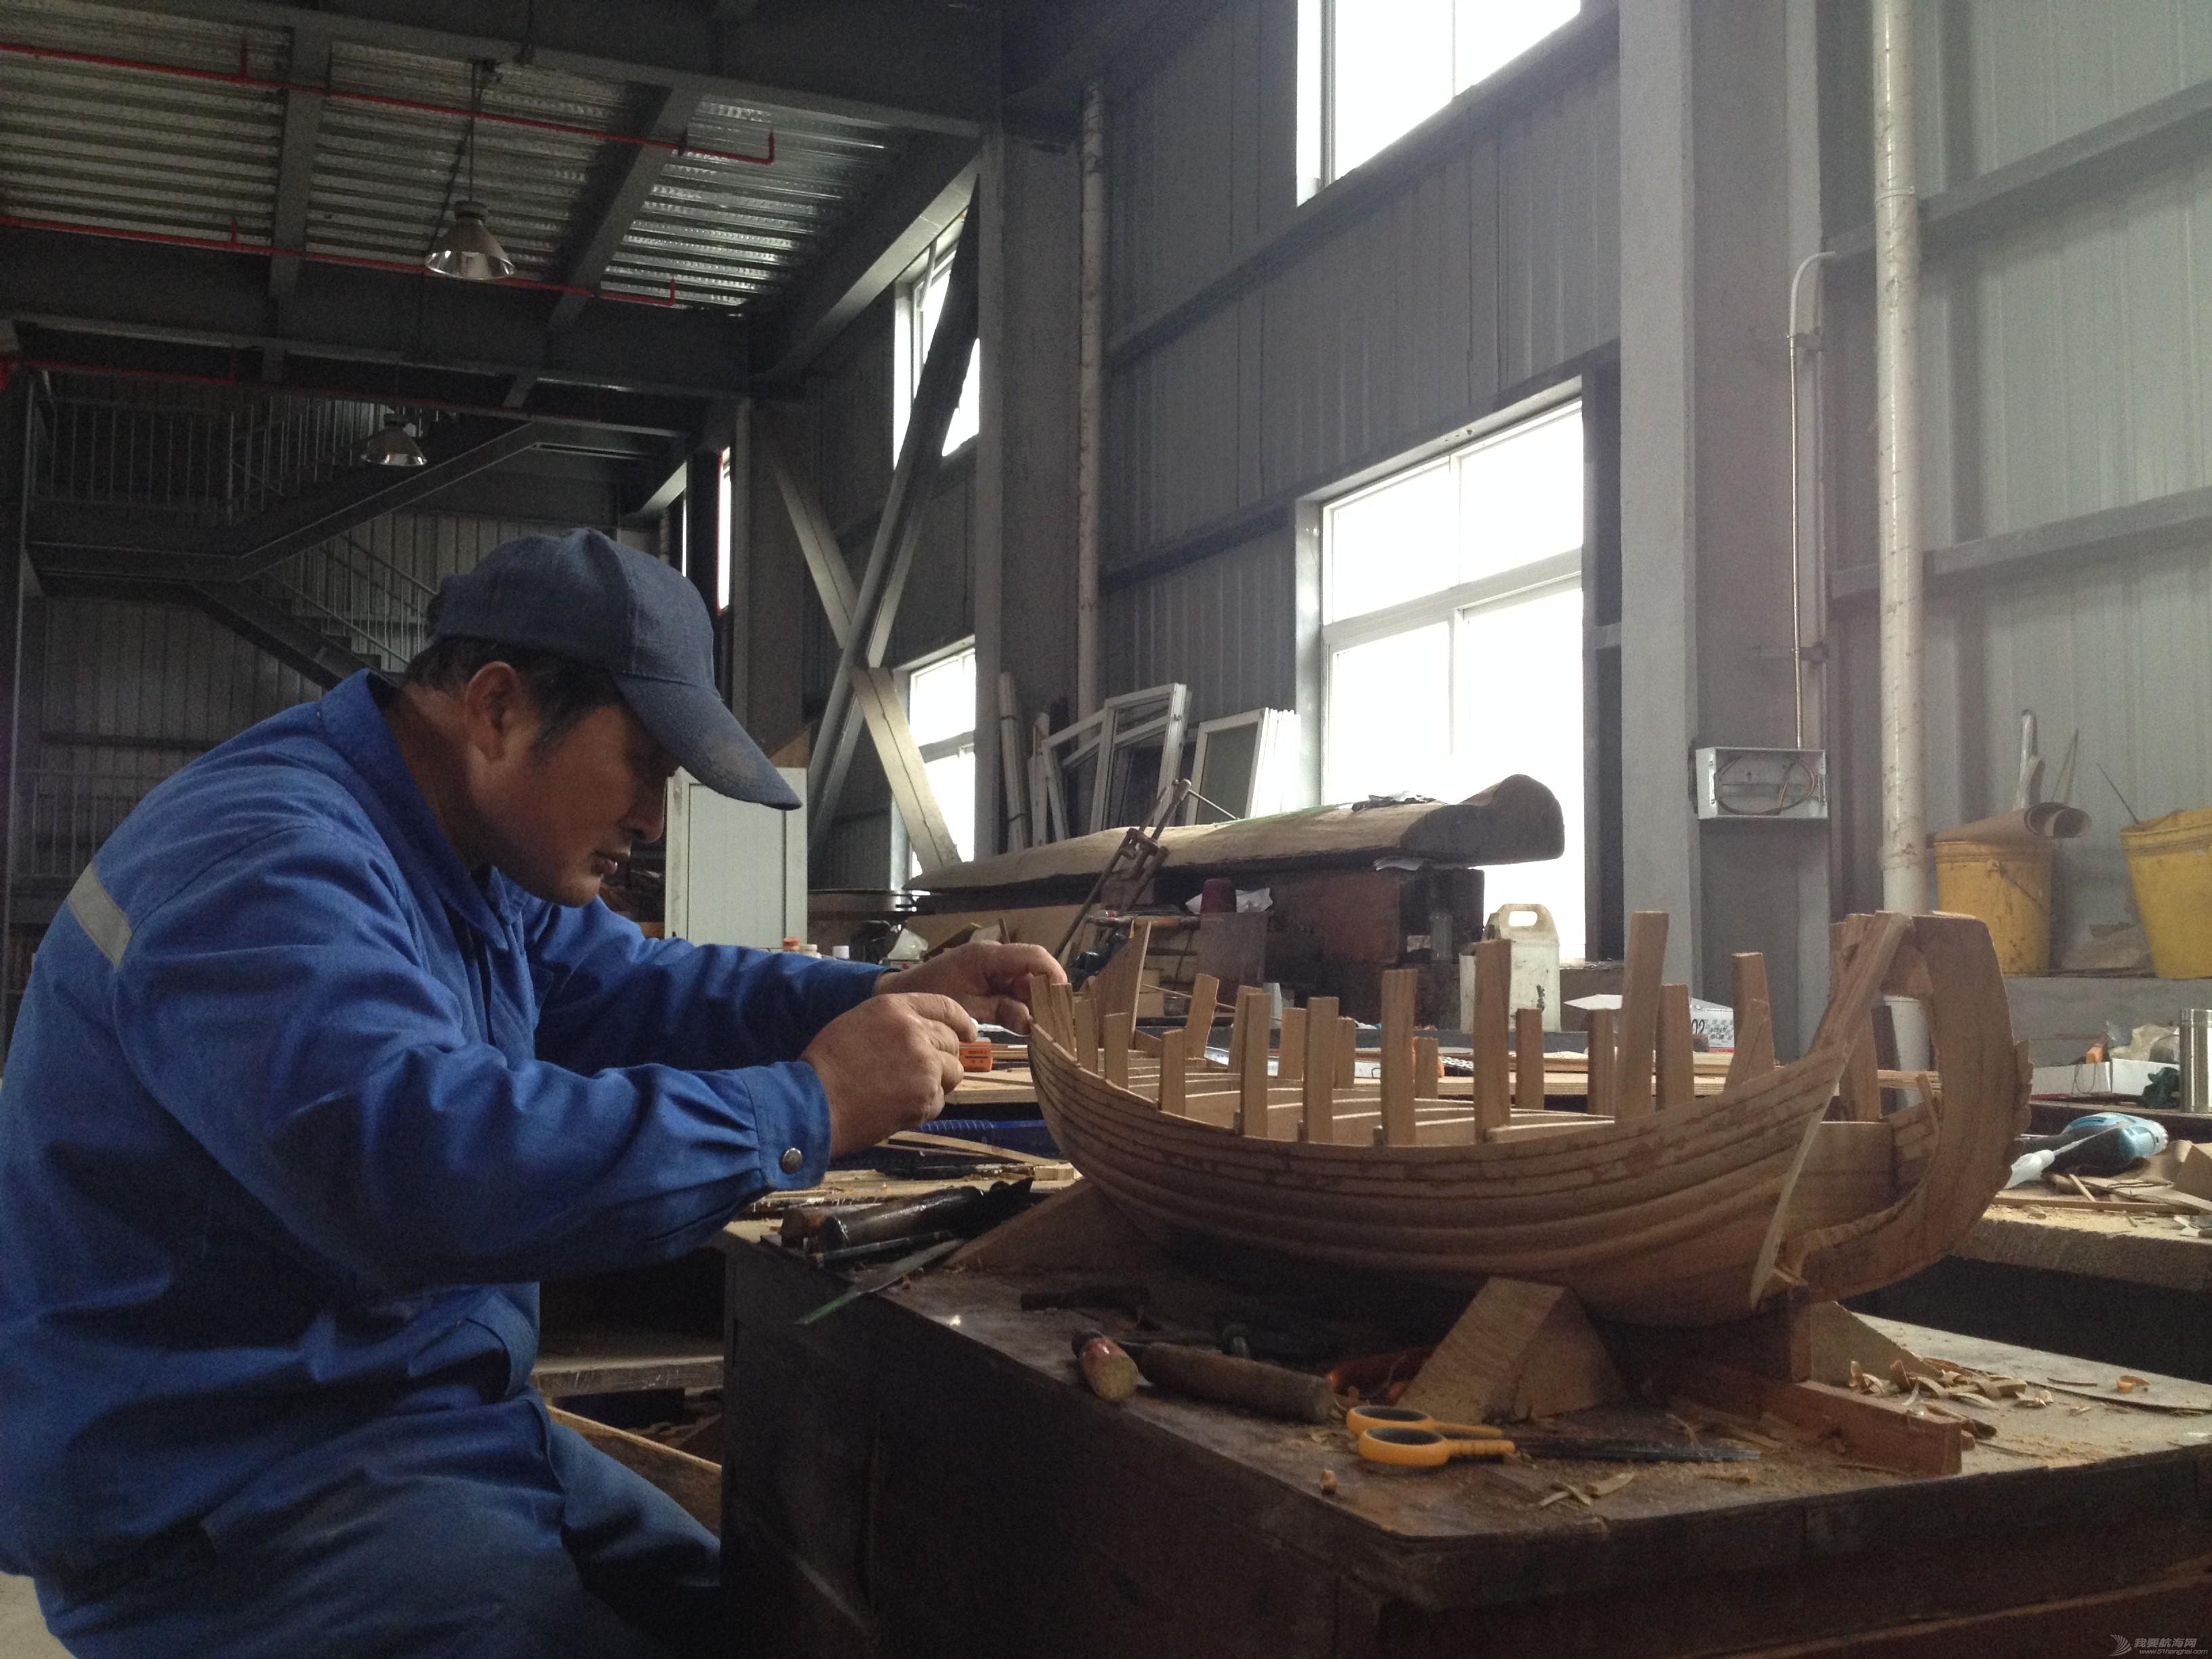 中式风格,交通运输,造船厂,朱家尖,对抗赛 全球首次中式帆船比赛可能会在舟山举行 IMG_7881.JPG